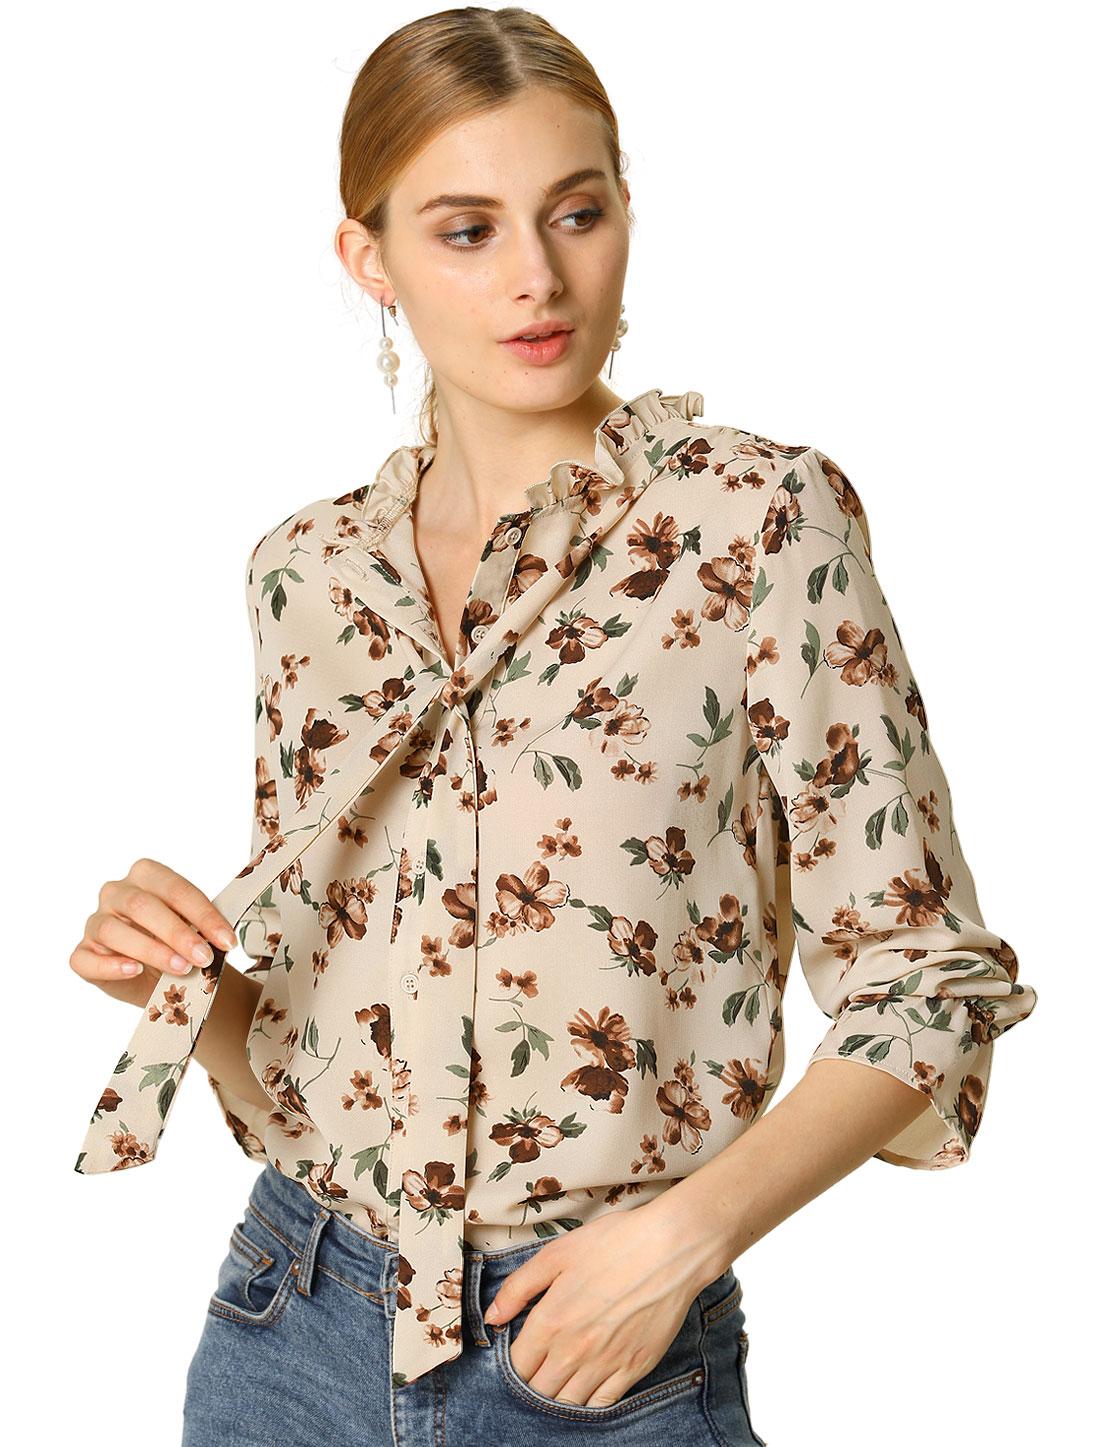 Allegra K Women's Floral Ruffle Tie Neck Long Sleeve Blouse Beige XS